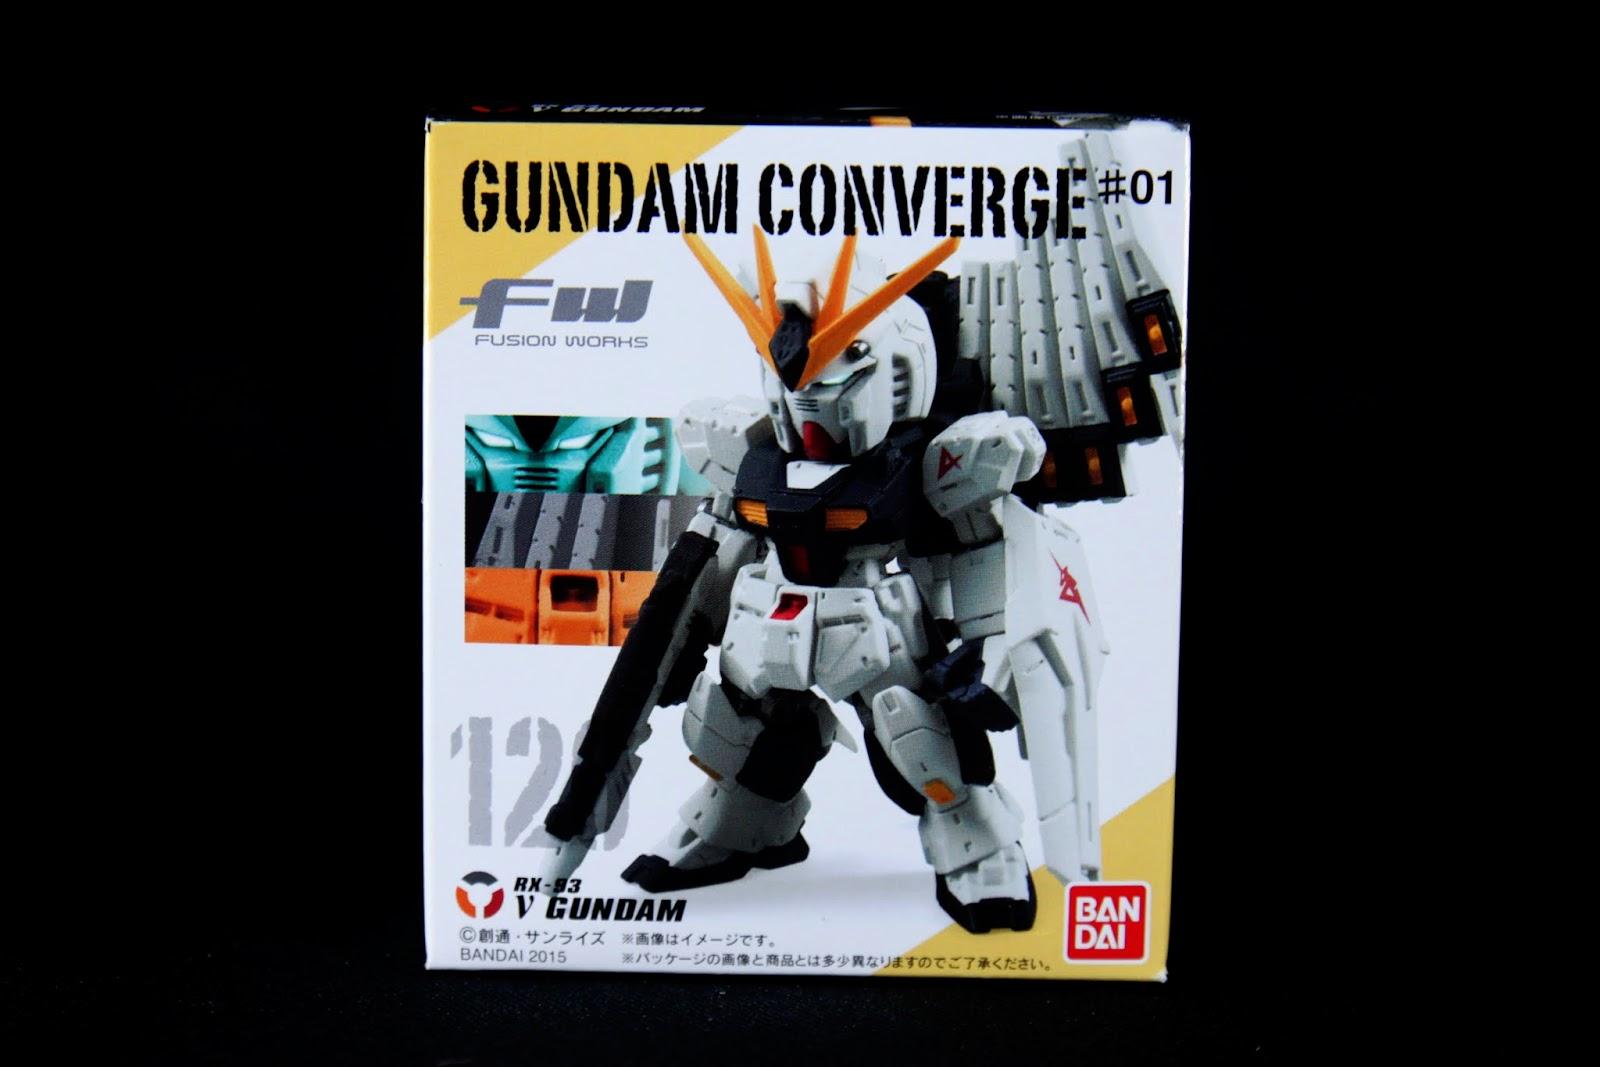 首彈就來了RX-93 Nu Gundam重製, 是要比照初鋼來組牛鋼戰隊嗎?